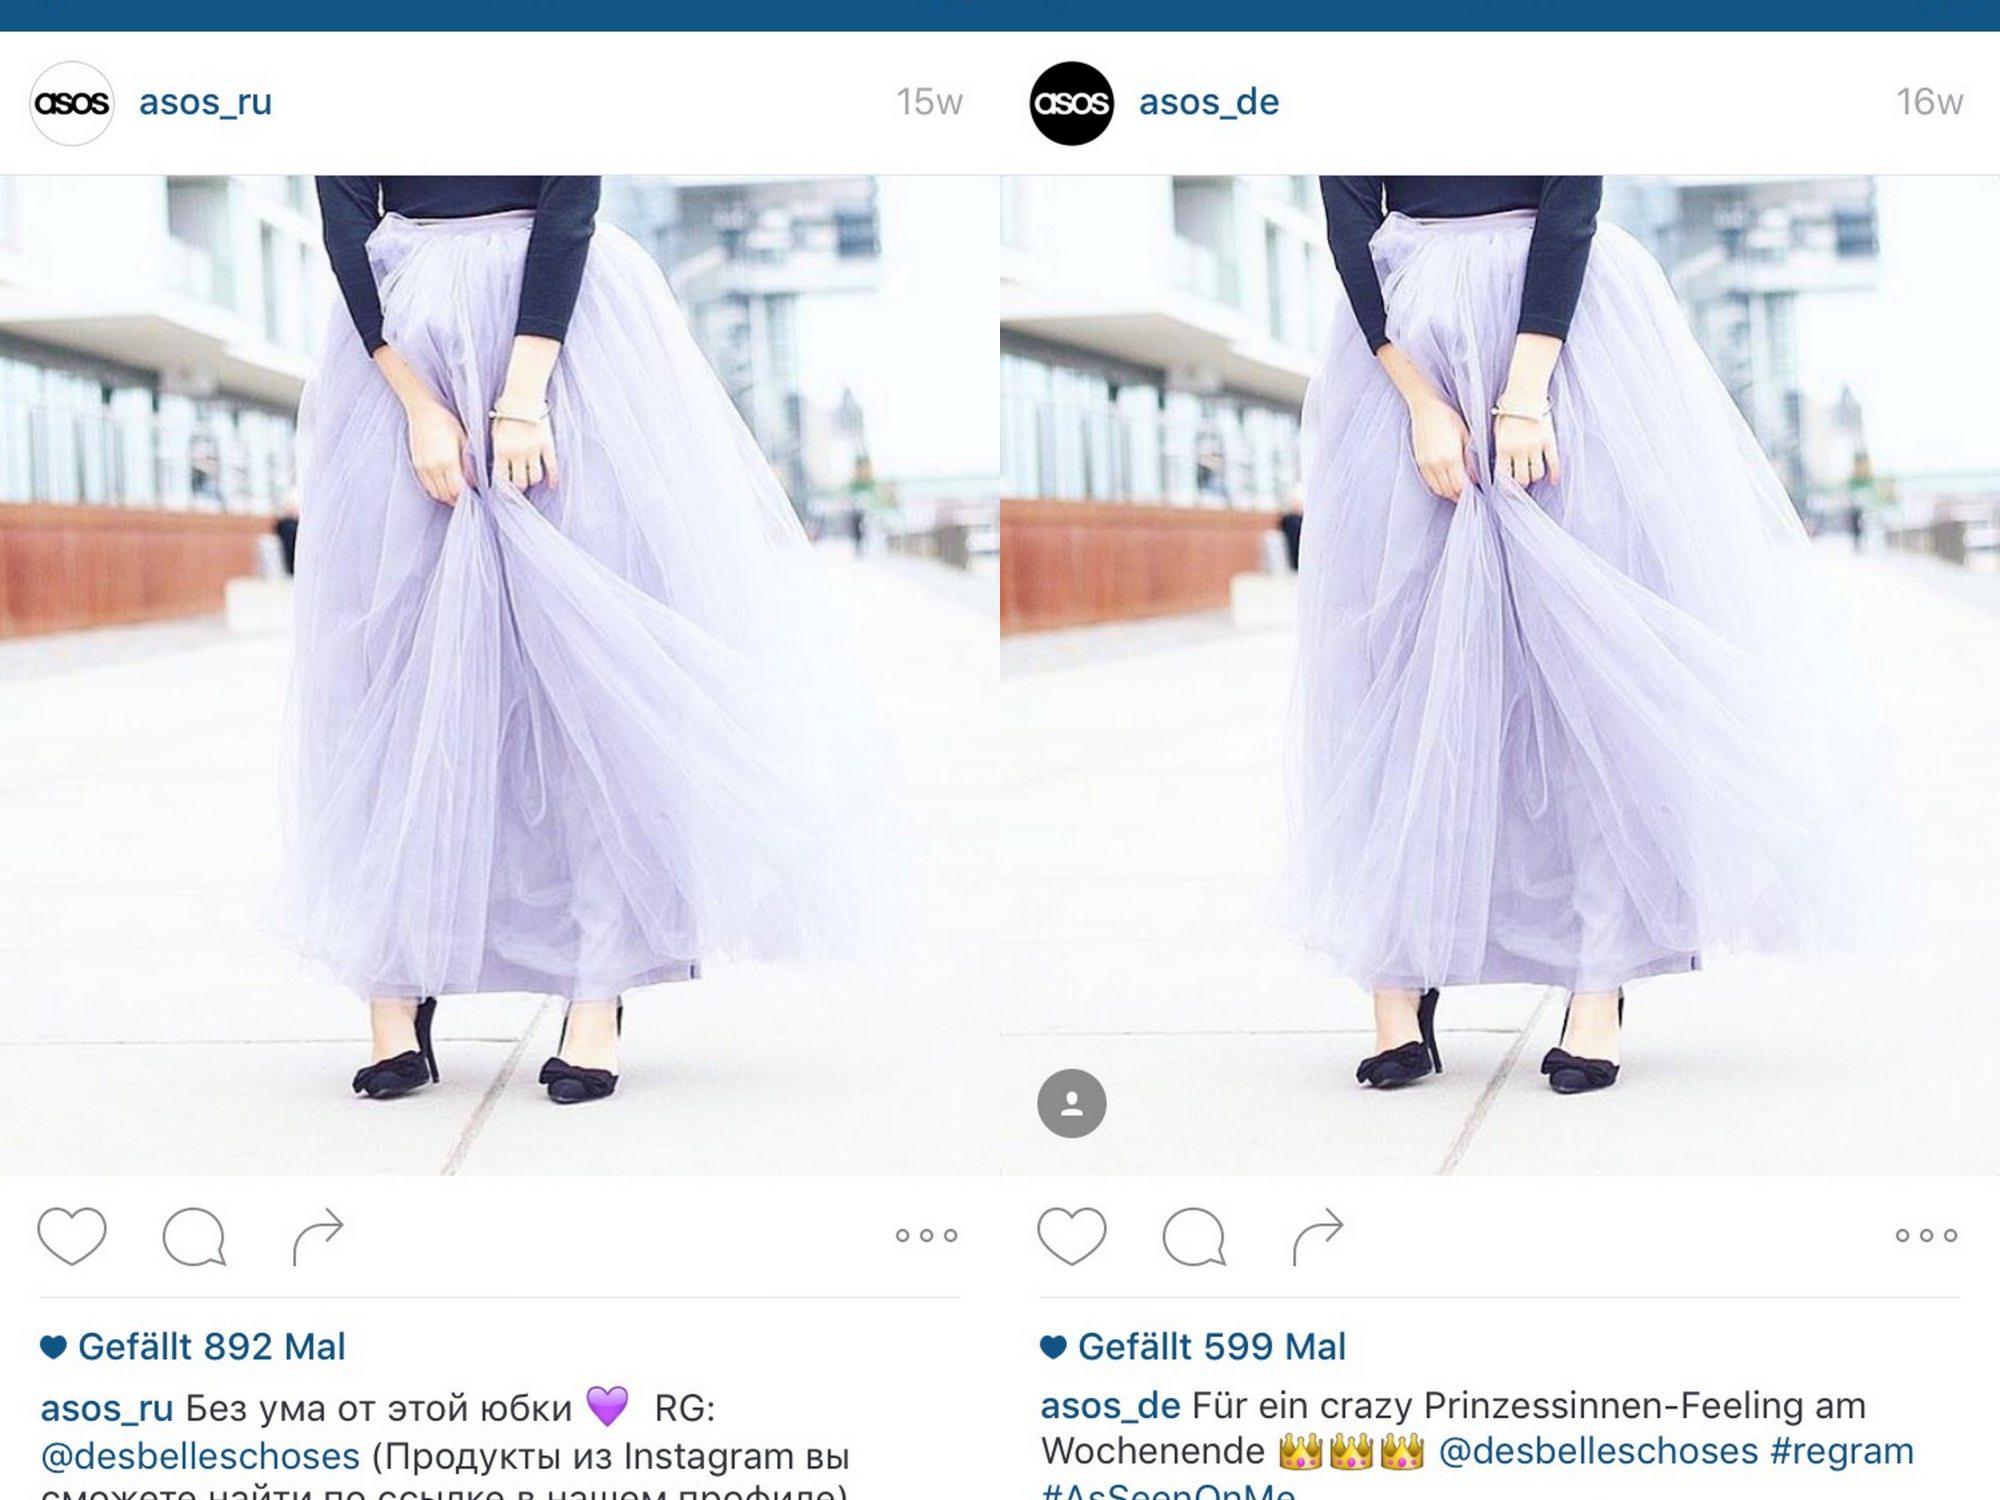 desbelleschoses-fashion-blog-köln-online-erwähnungen 2